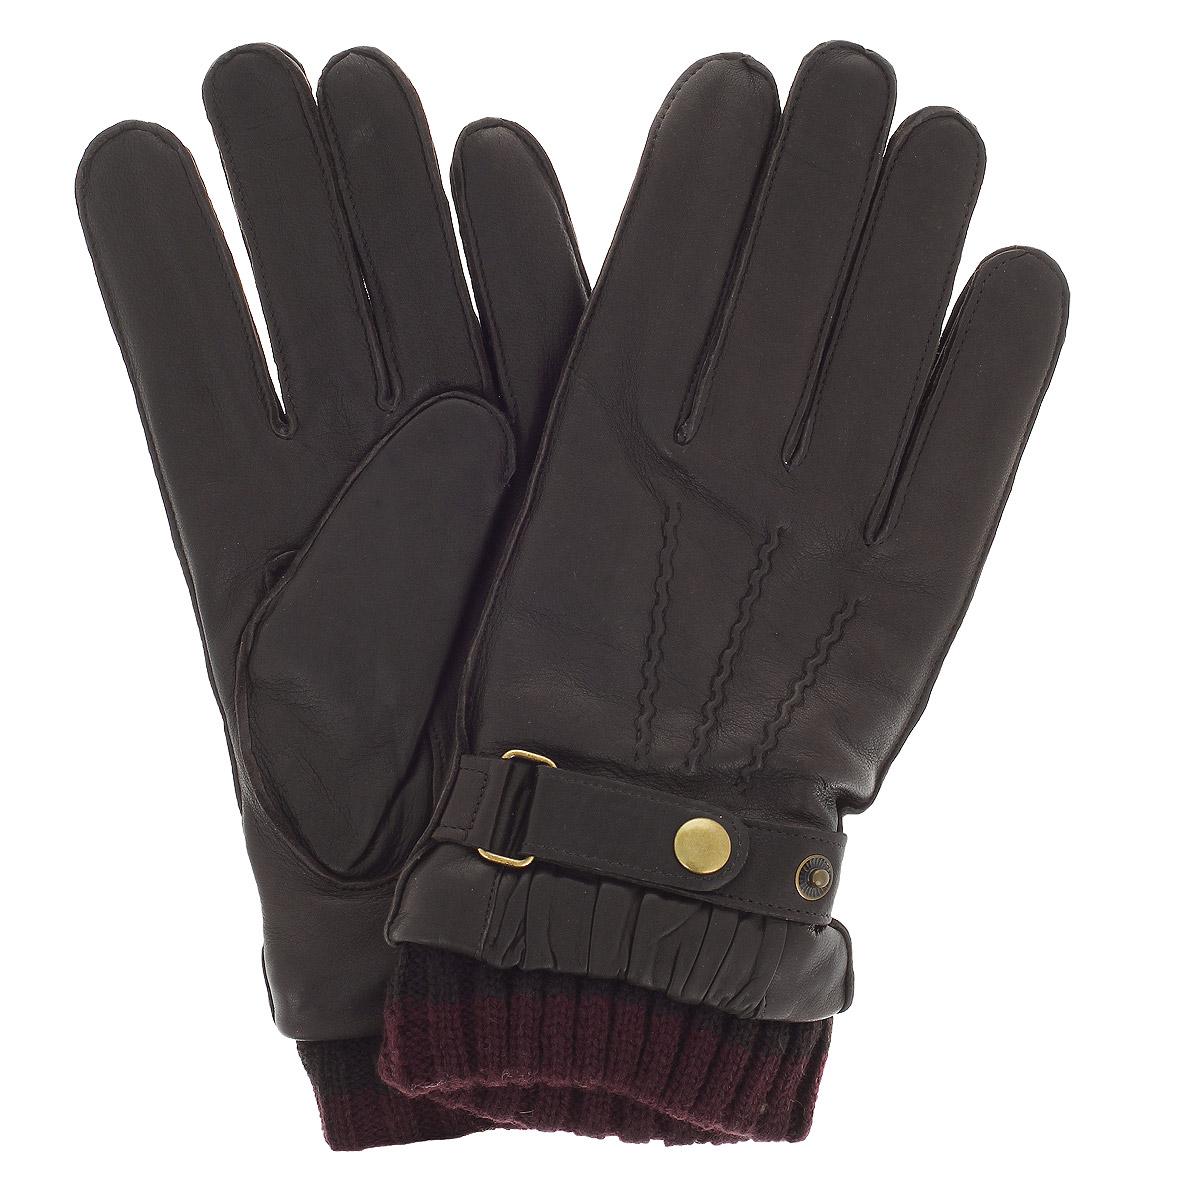 ПерчаткиK12-JUR/BRСтильные мужские перчатки Michel Katana не только защитят ваши руки, но и станут великолепным украшением. Перчатки выполнены из чрезвычайно мягкой и приятной на ощупь натуральной кожи ягненка, а их подкладка - из шерсти. Перчатки дополнены вязаными манжетами и оформлены ремешками, застегивающимися на кнопку. Модель благодаря своему лаконичному исполнению прекрасно дополнит образ любого мужчины и сделает его более стильным, придав тонкую нотку брутальности. Создайте элегантный образ и подчеркните свою яркую индивидуальность новым аксессуаром!